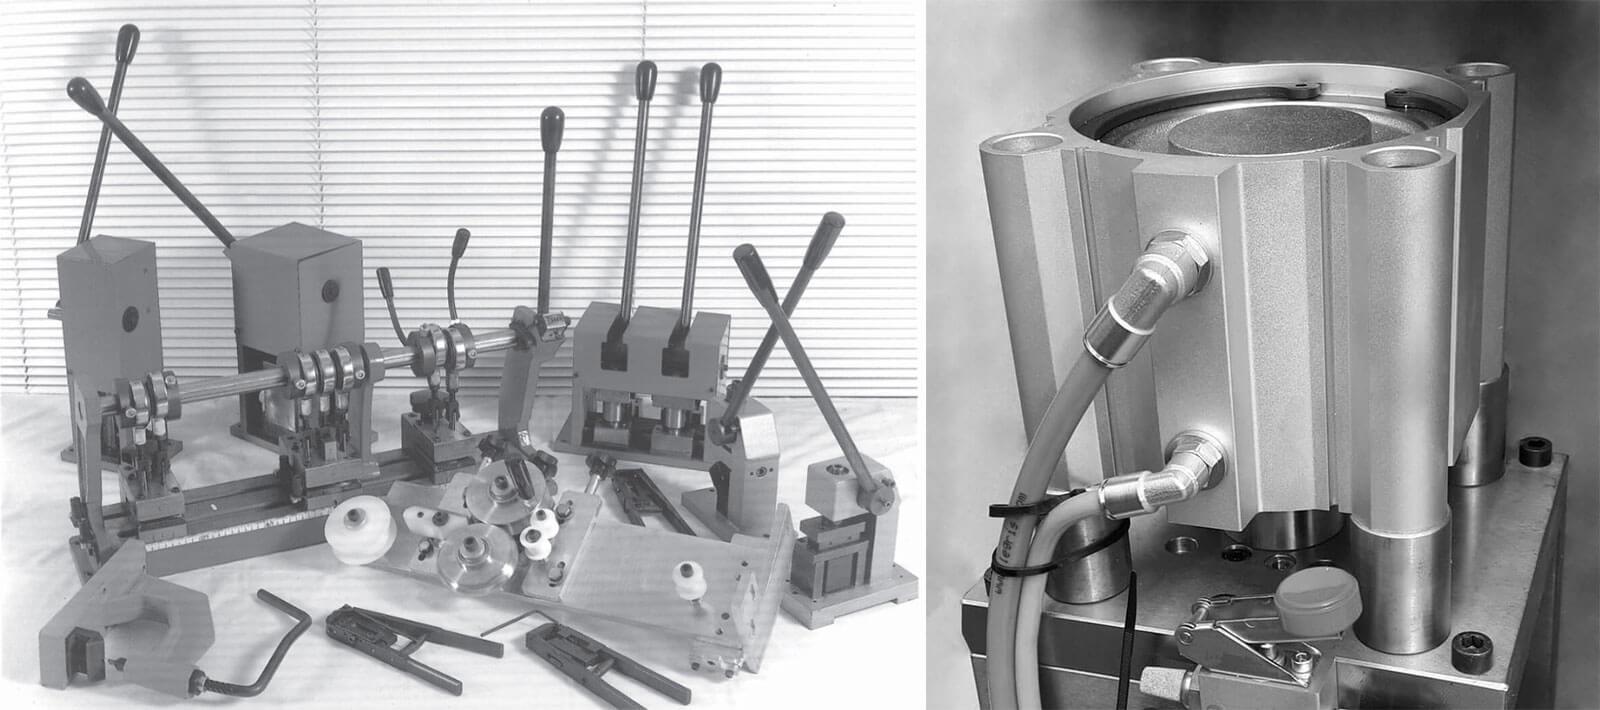 stampi-e-macchinari-per-componenti-per-tende-alla-veneziana-molds-and-machinery-for -components-of venetian-bliids